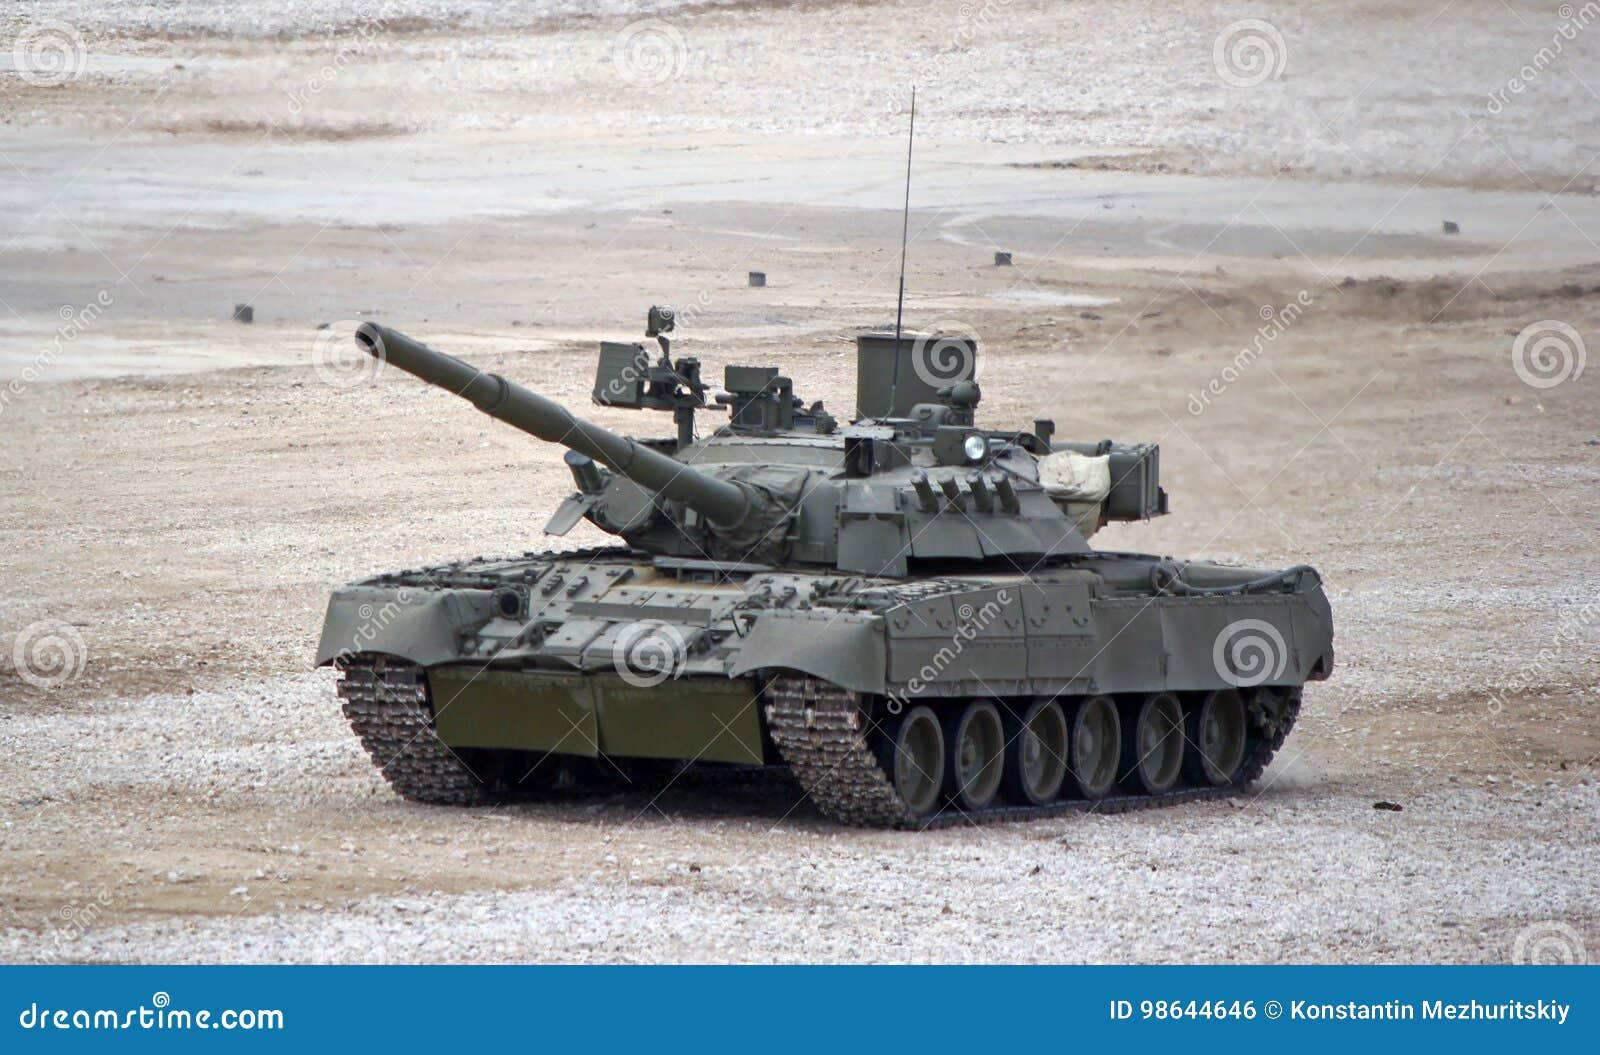 Tanque de batalla principal ruso T-80 en la tierra en combate condiciona